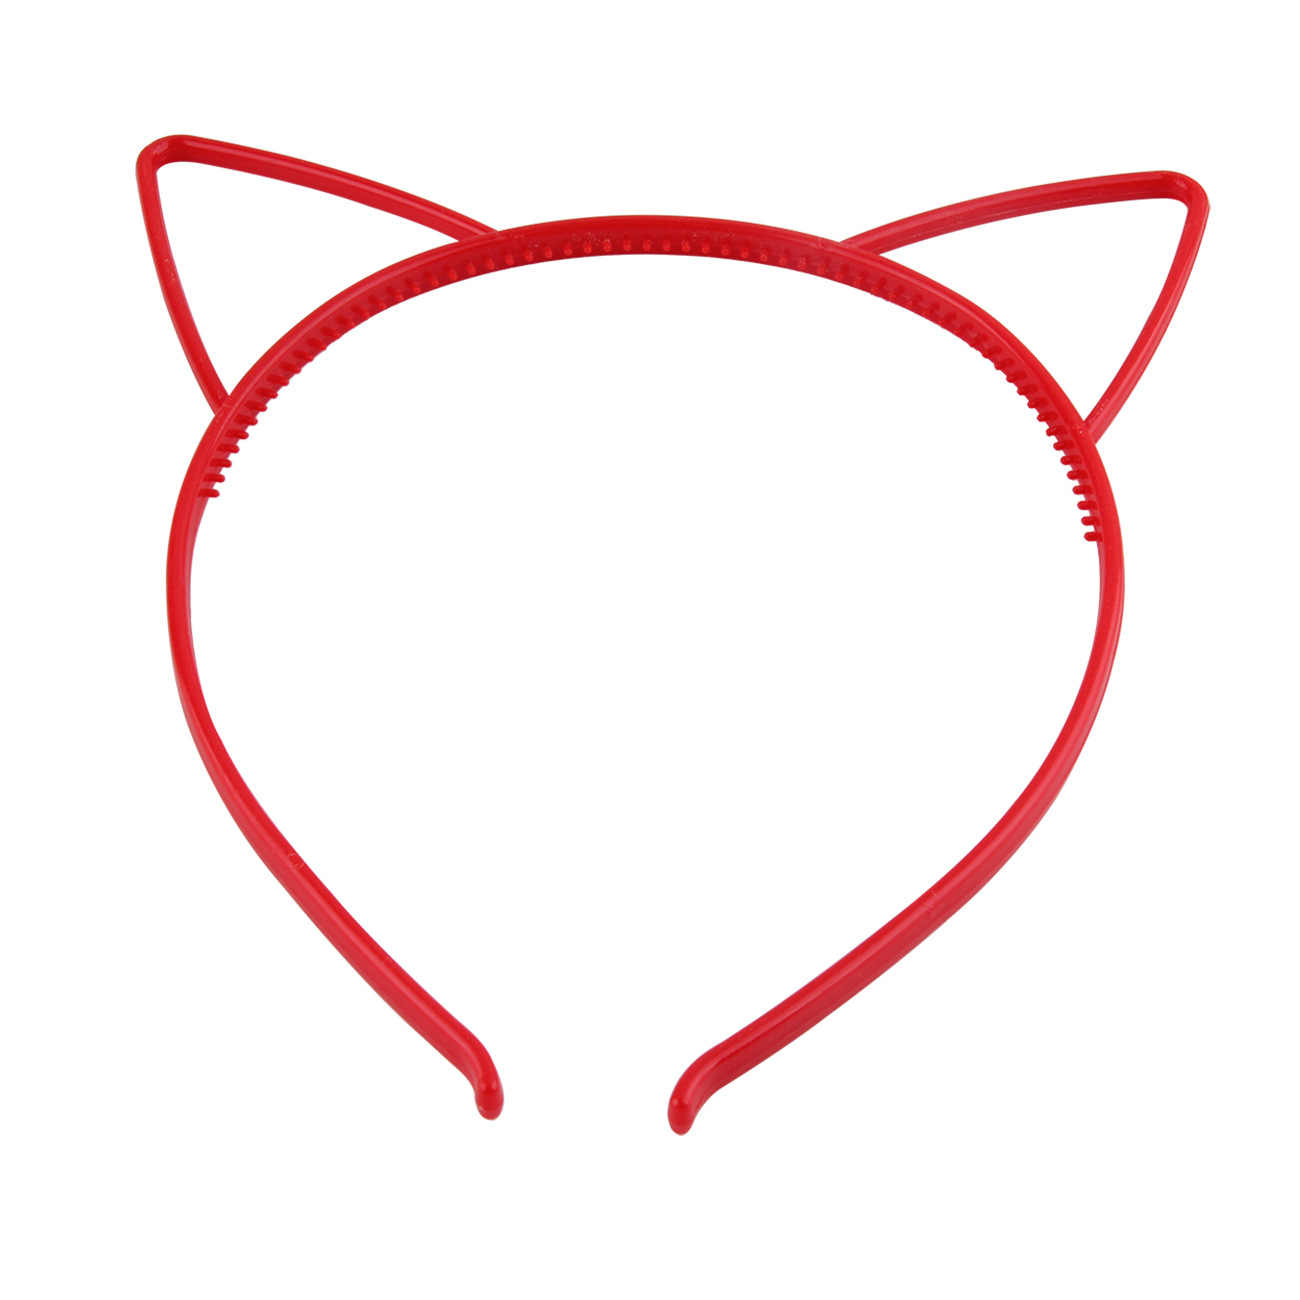 แฟชั่นเด็ก party props เซ็กซี่สีดำแมวสาว headwear ผม hoop อุปกรณ์เสริมสำหรับผู้หญิง Hairband เด็กหัว band